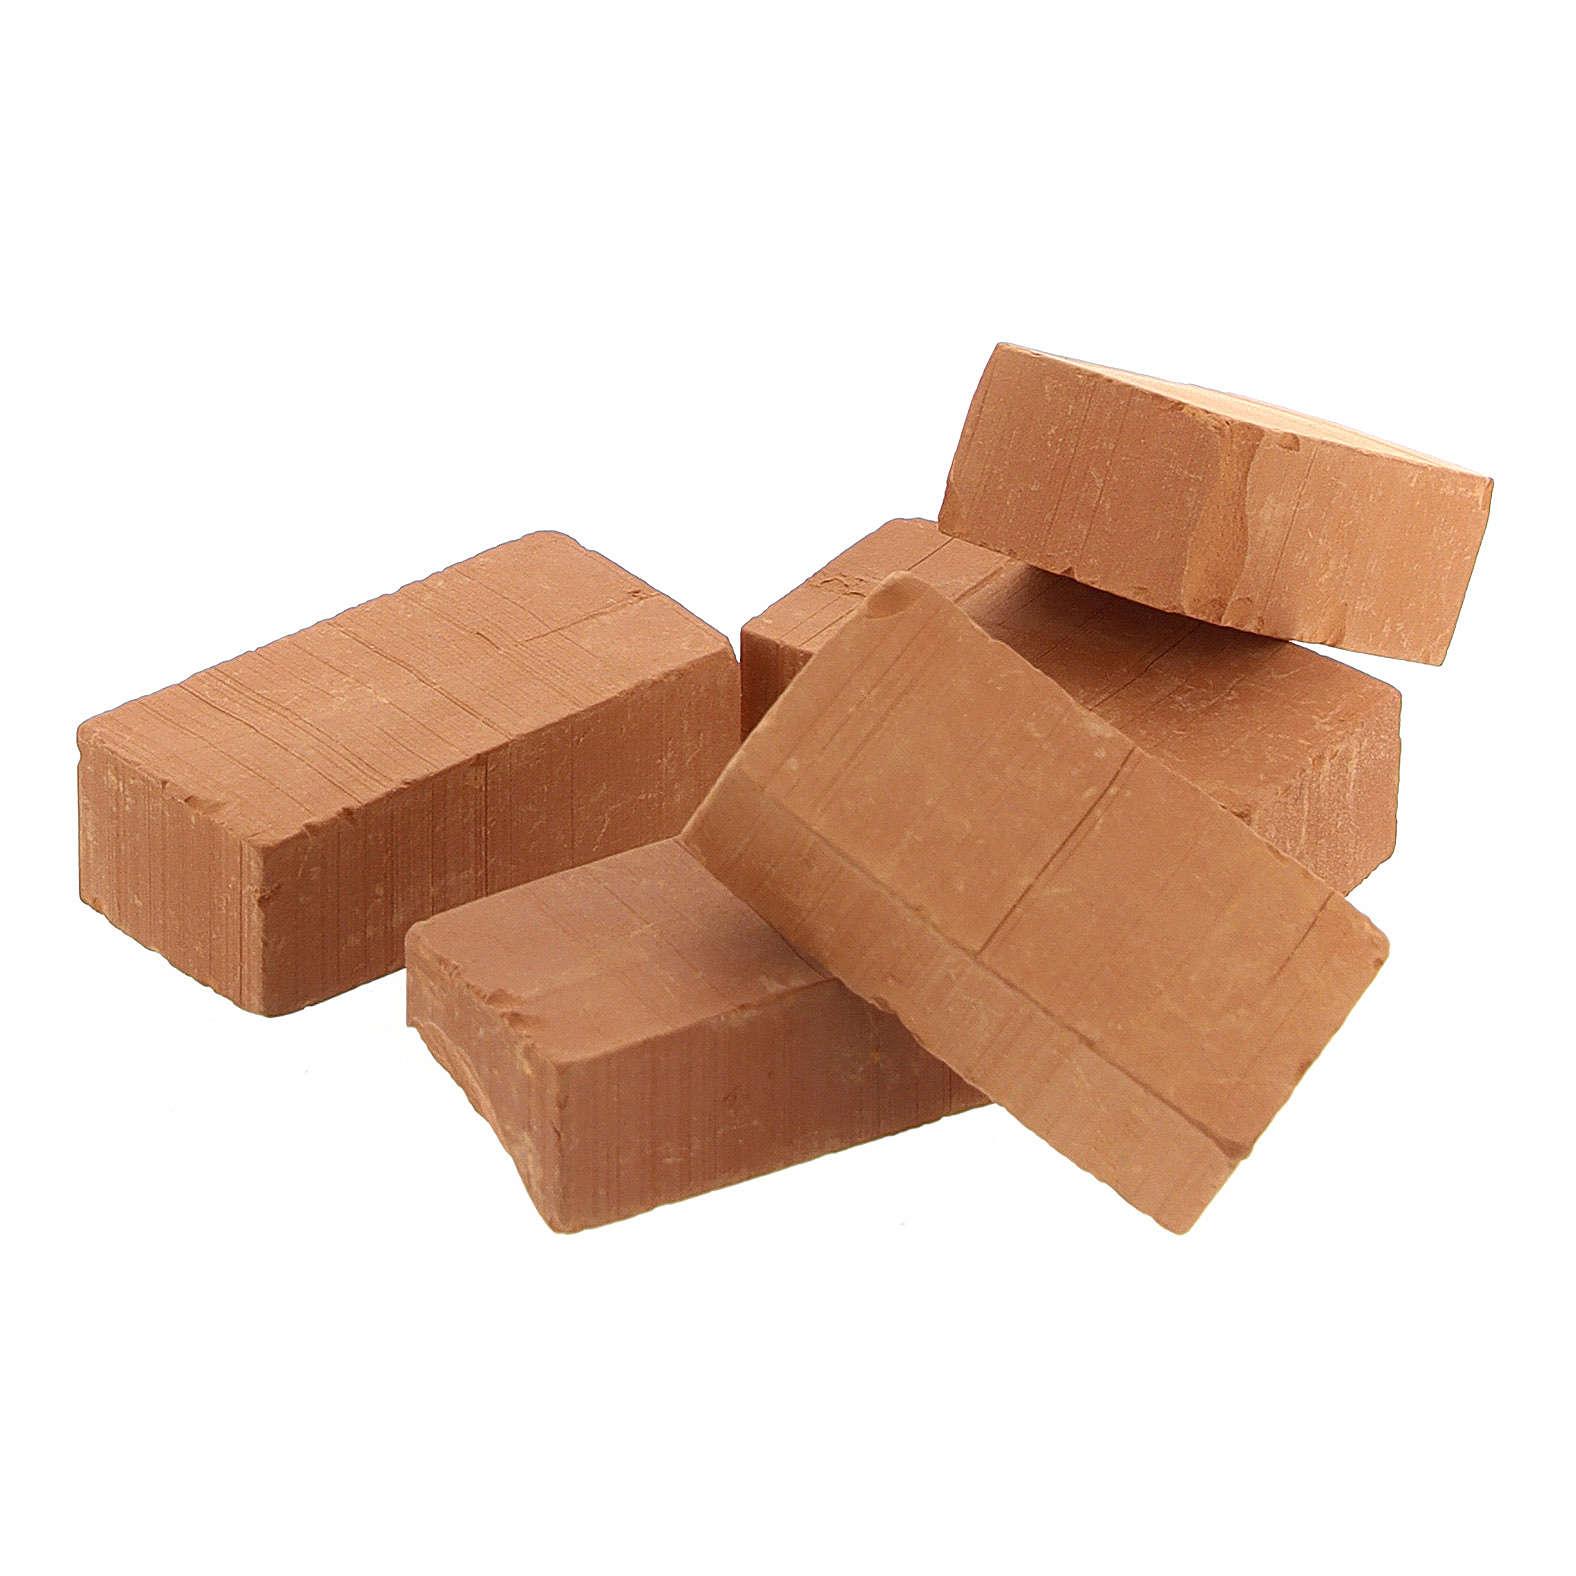 Terracotta bricks for DIY Nativity Scene 4